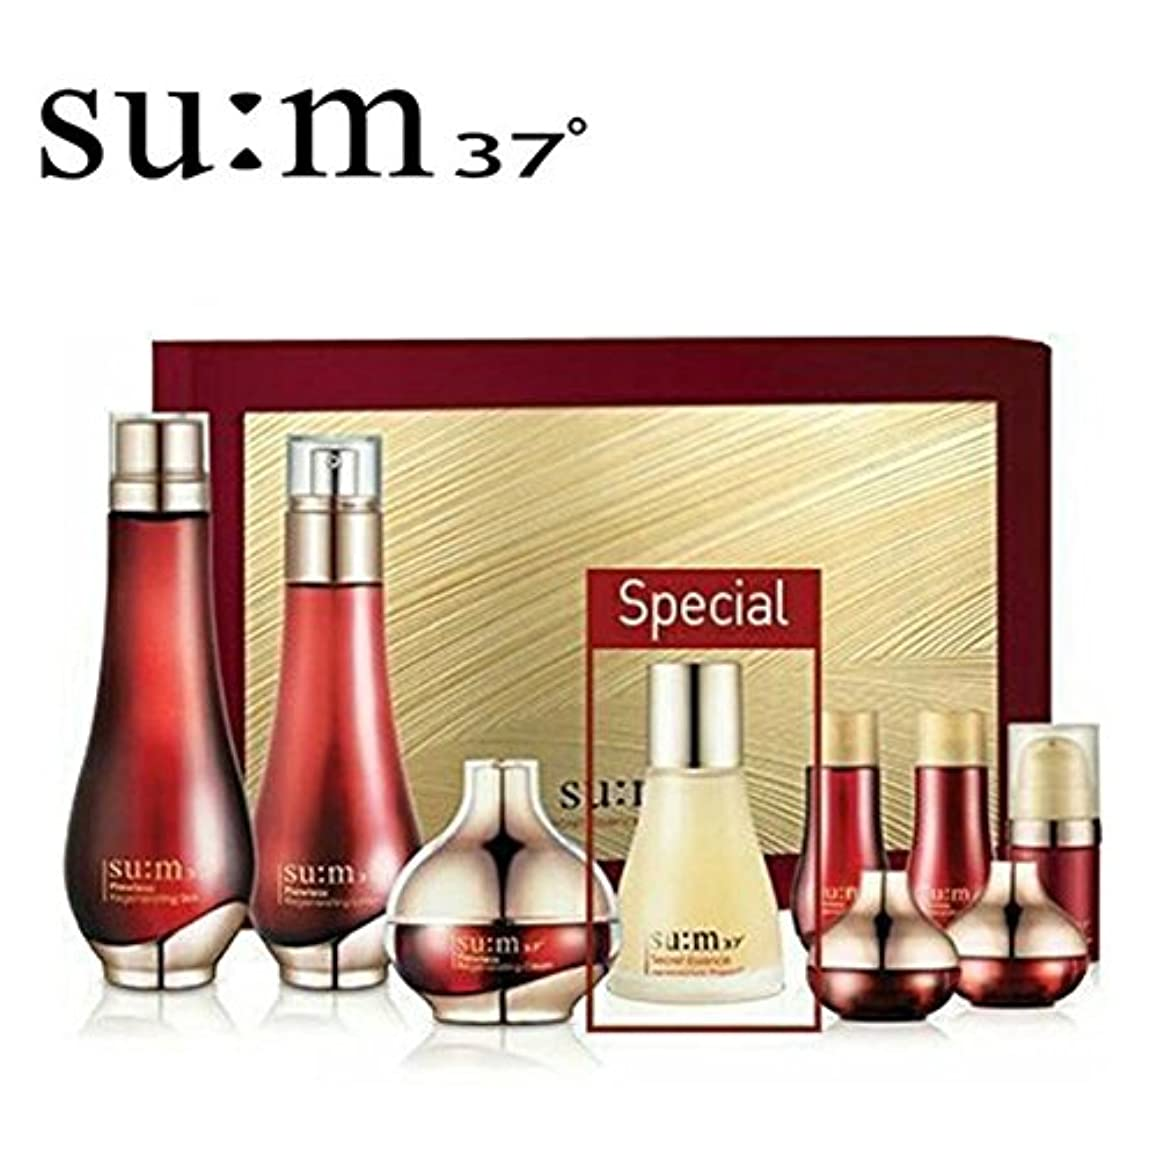 ダーツ好意的オーバーヘッド[su:m37/スム37°] SUM37 Flowless Special Set/ sum37 スム37? フローレス 3種 企画セット +[Sample Gift](海外直送品)